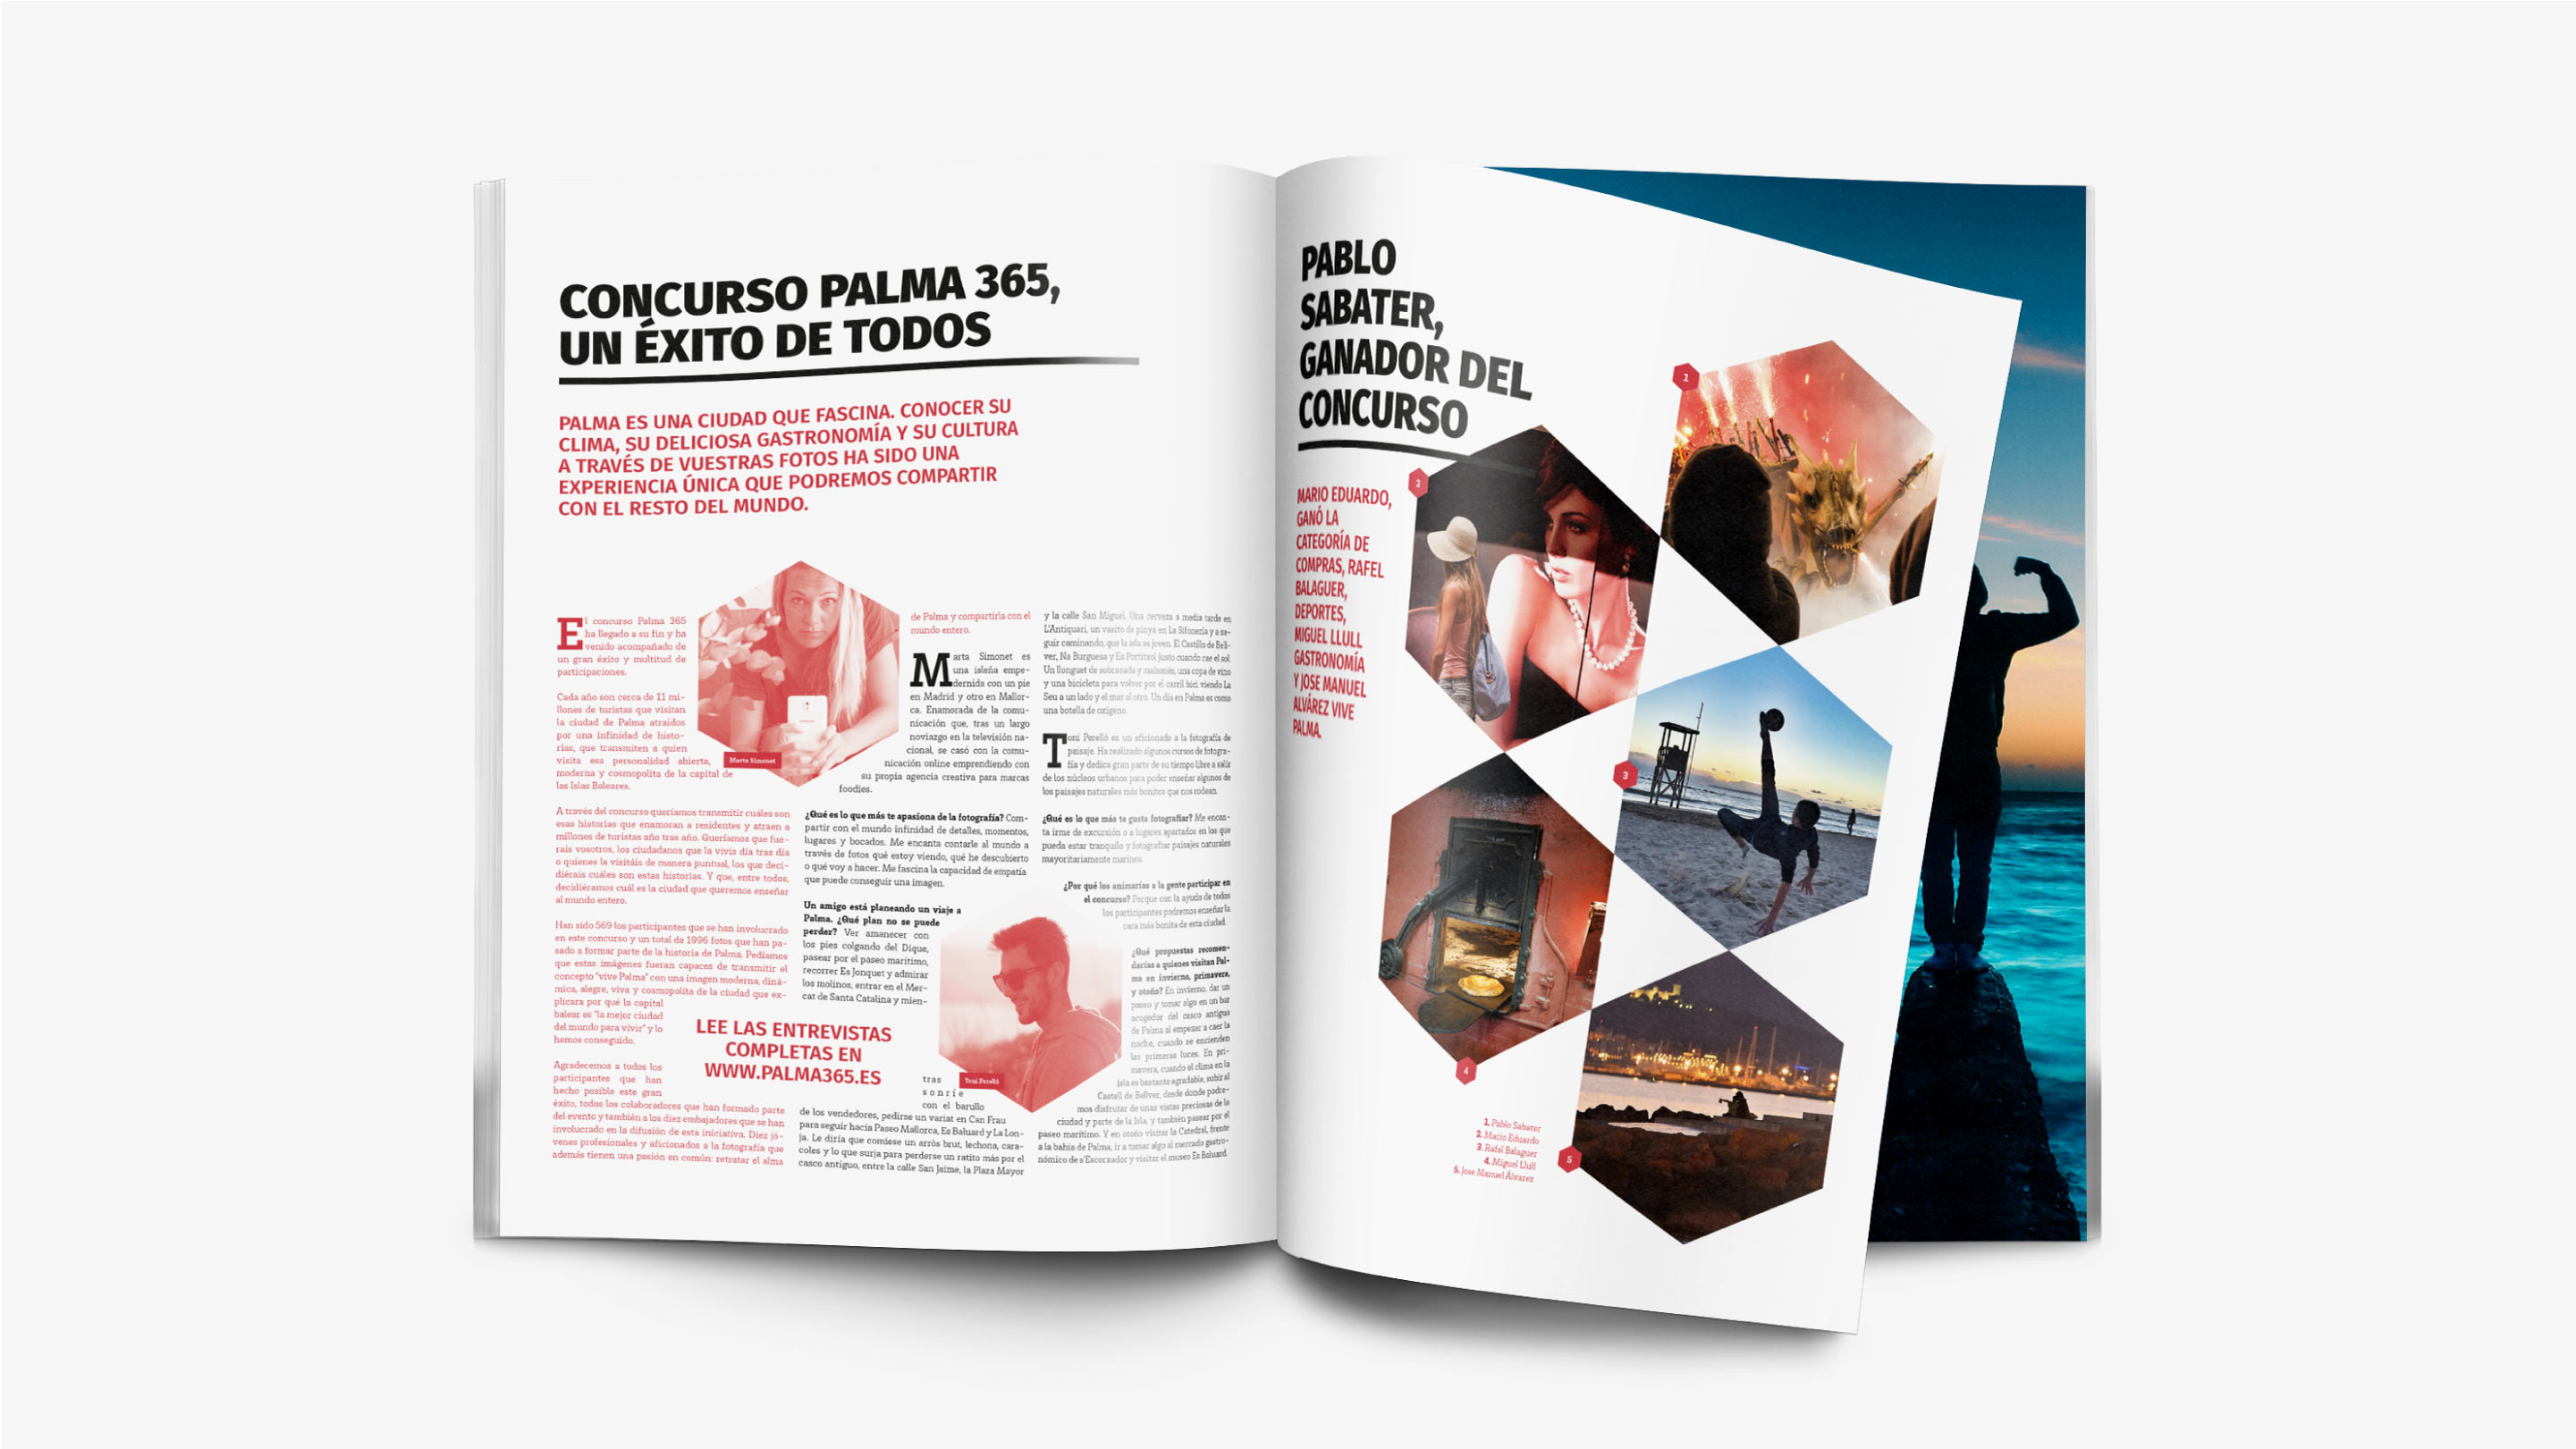 Concurso foto Palma 365 aplicaciones revista